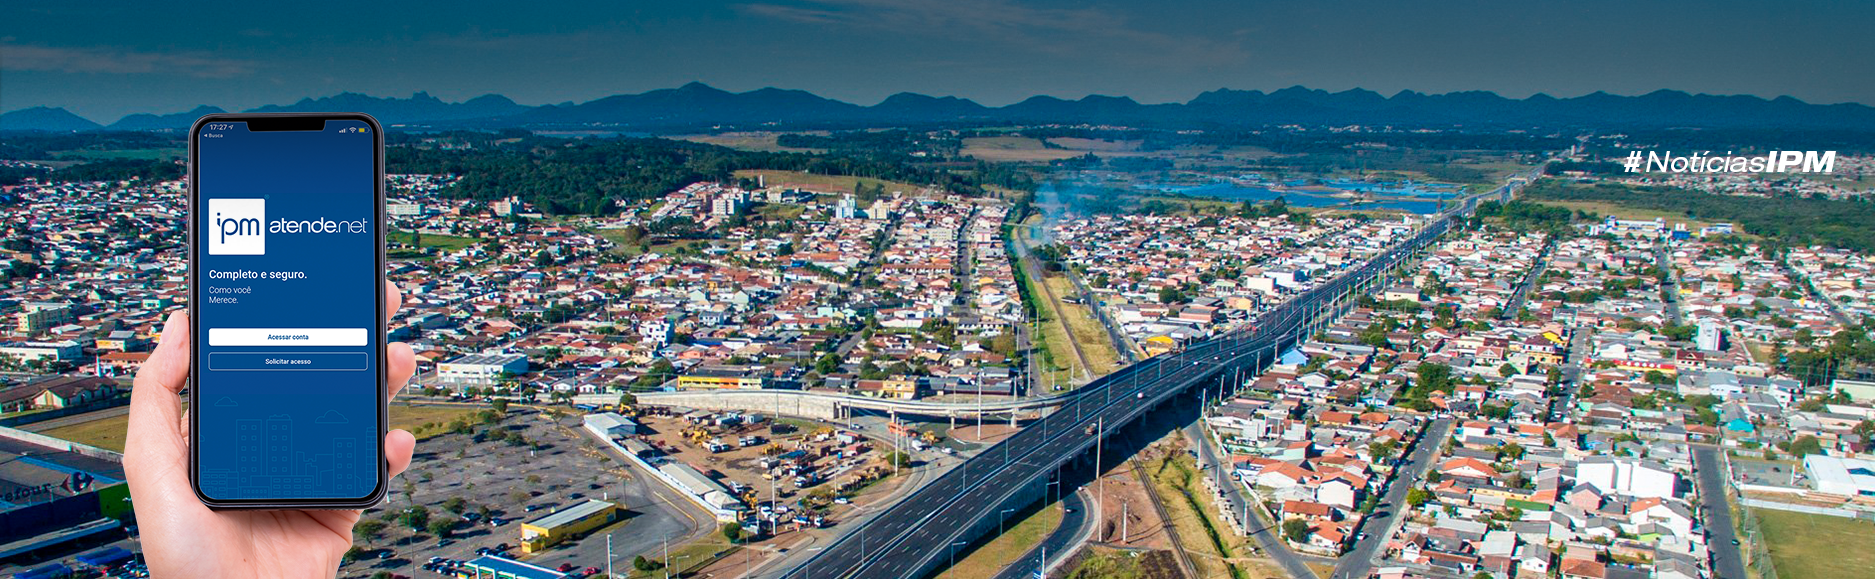 Tecnologia na gestão pública: Prefeitura de Pinhais lança aplicativo para facilitar acesso a serviços